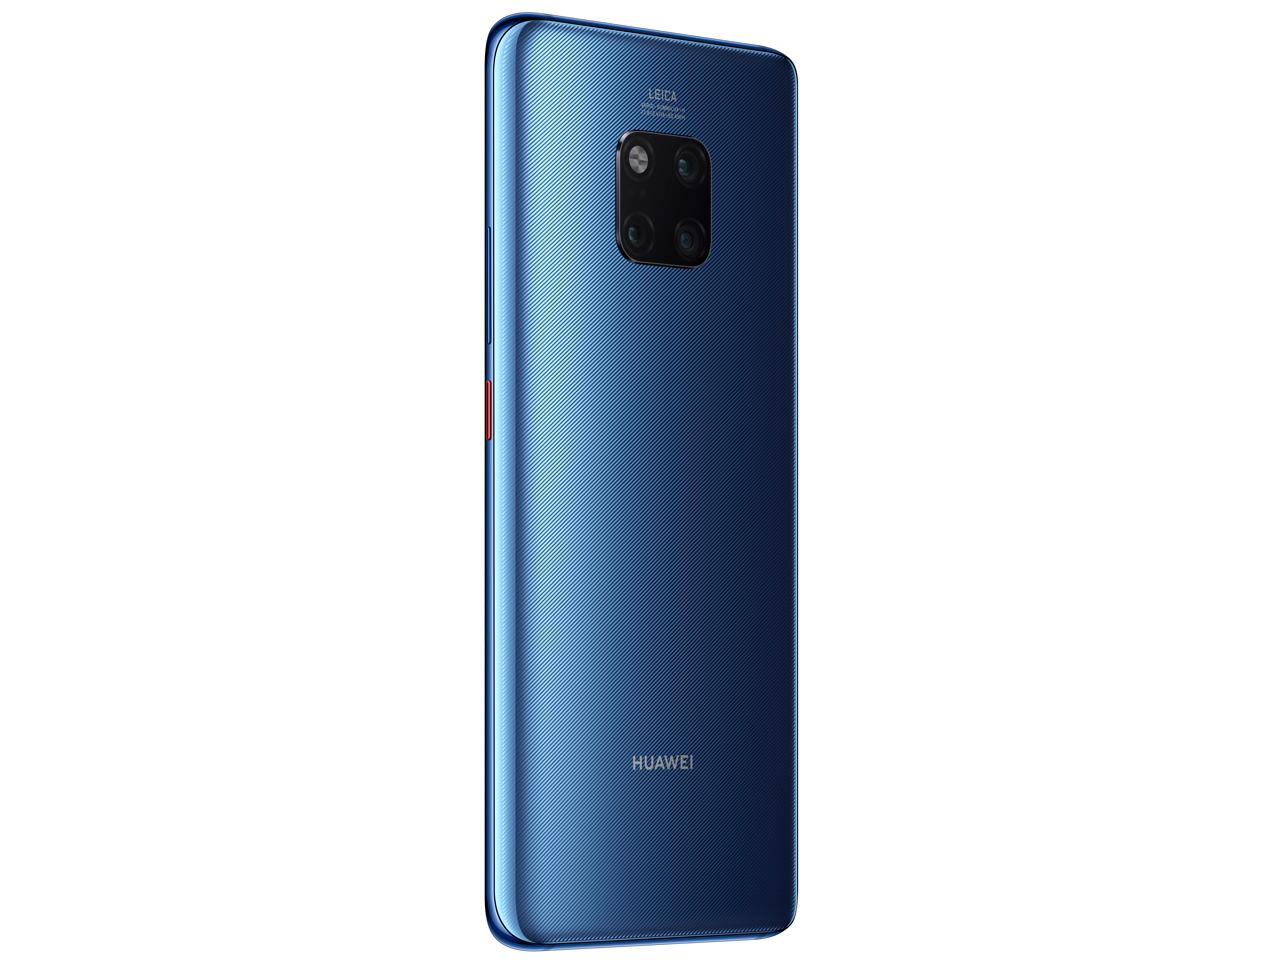 『本体 背面1』 HUAWEI Mate 20 Pro SIMフリー [Midnight Blue] の製品画像